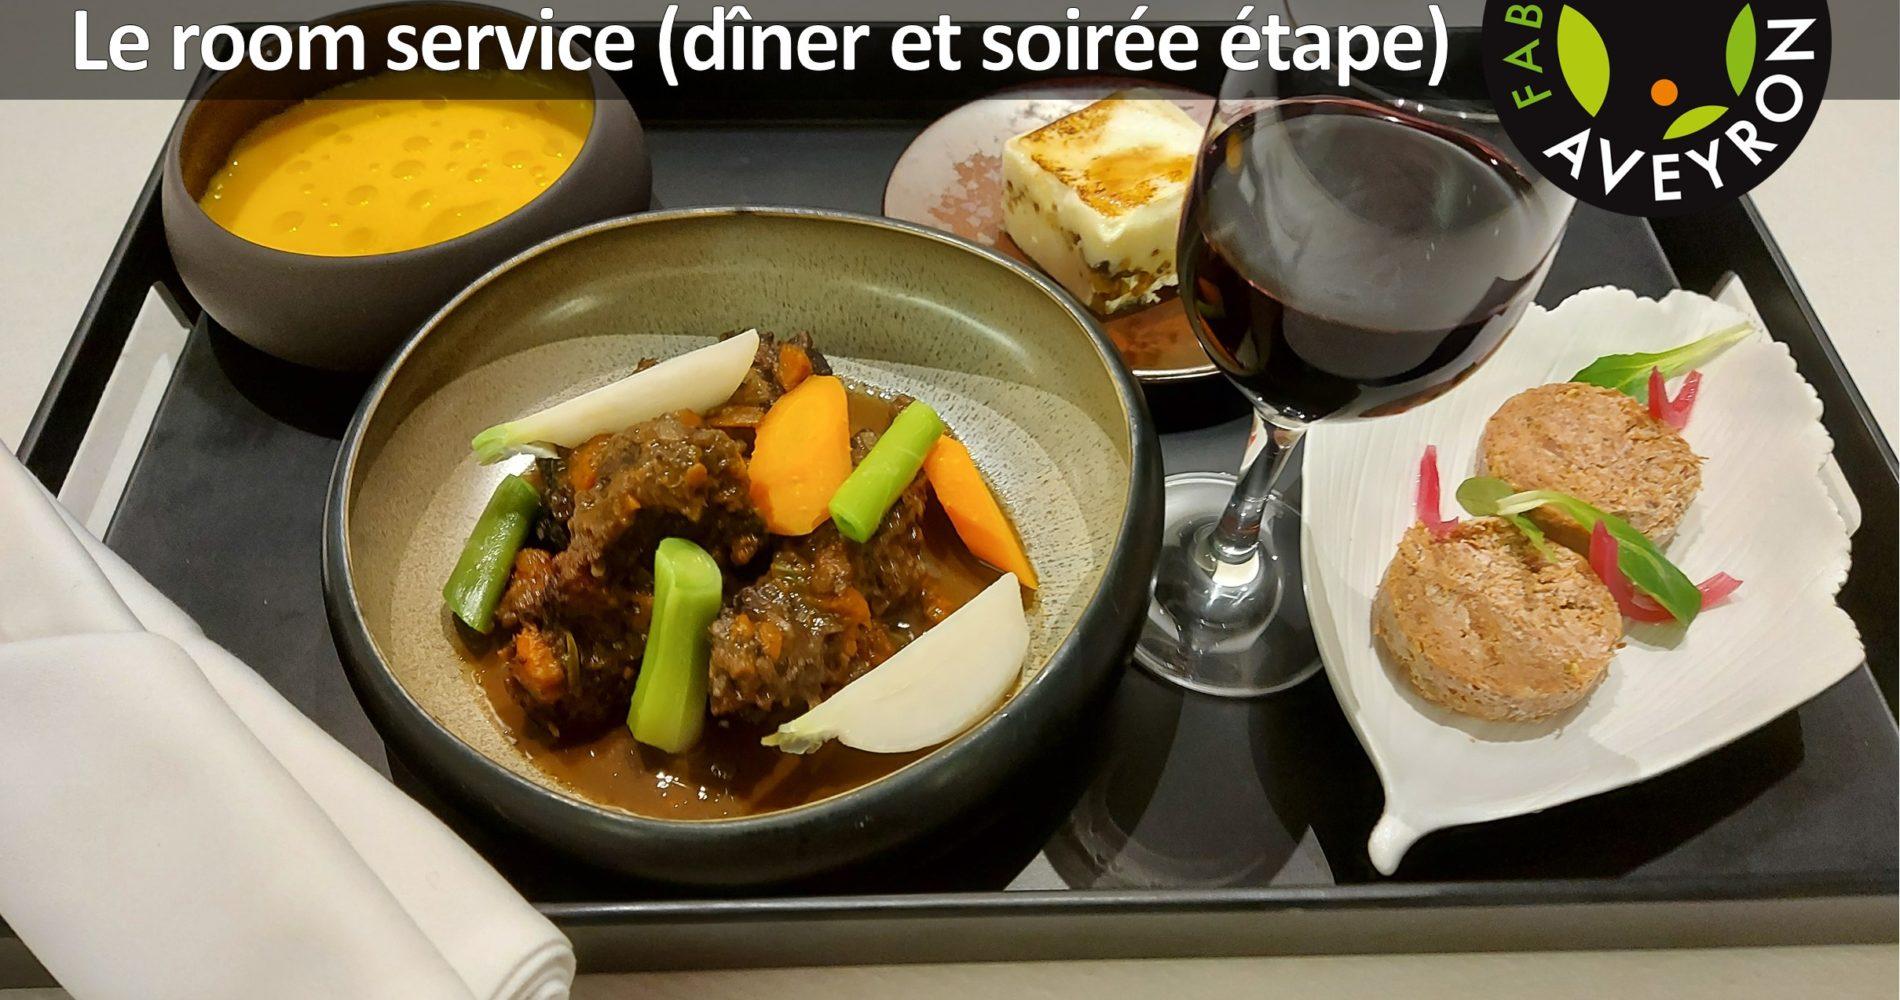 soiree etape hotel Rodez